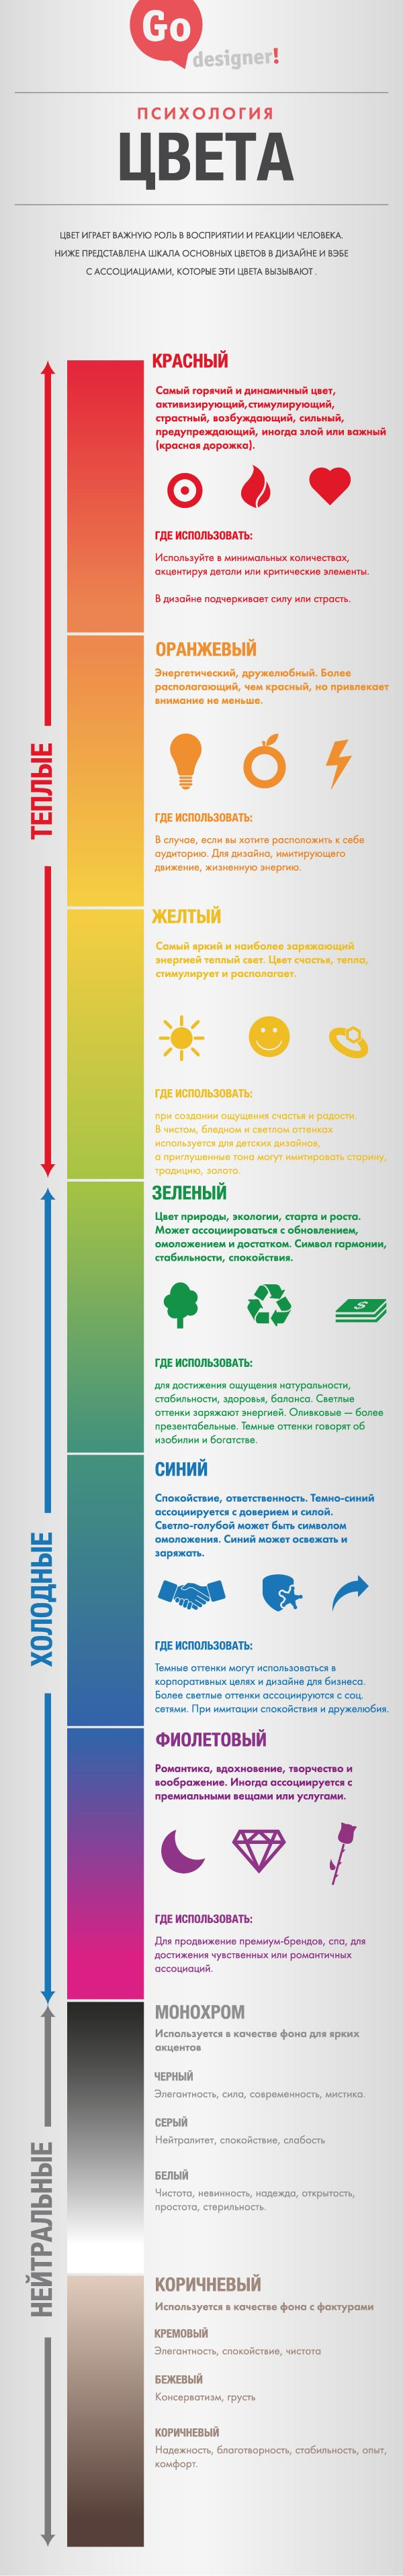 Инфографика от команды Go Designer, которая поможет вам разобраться с чувственным ...